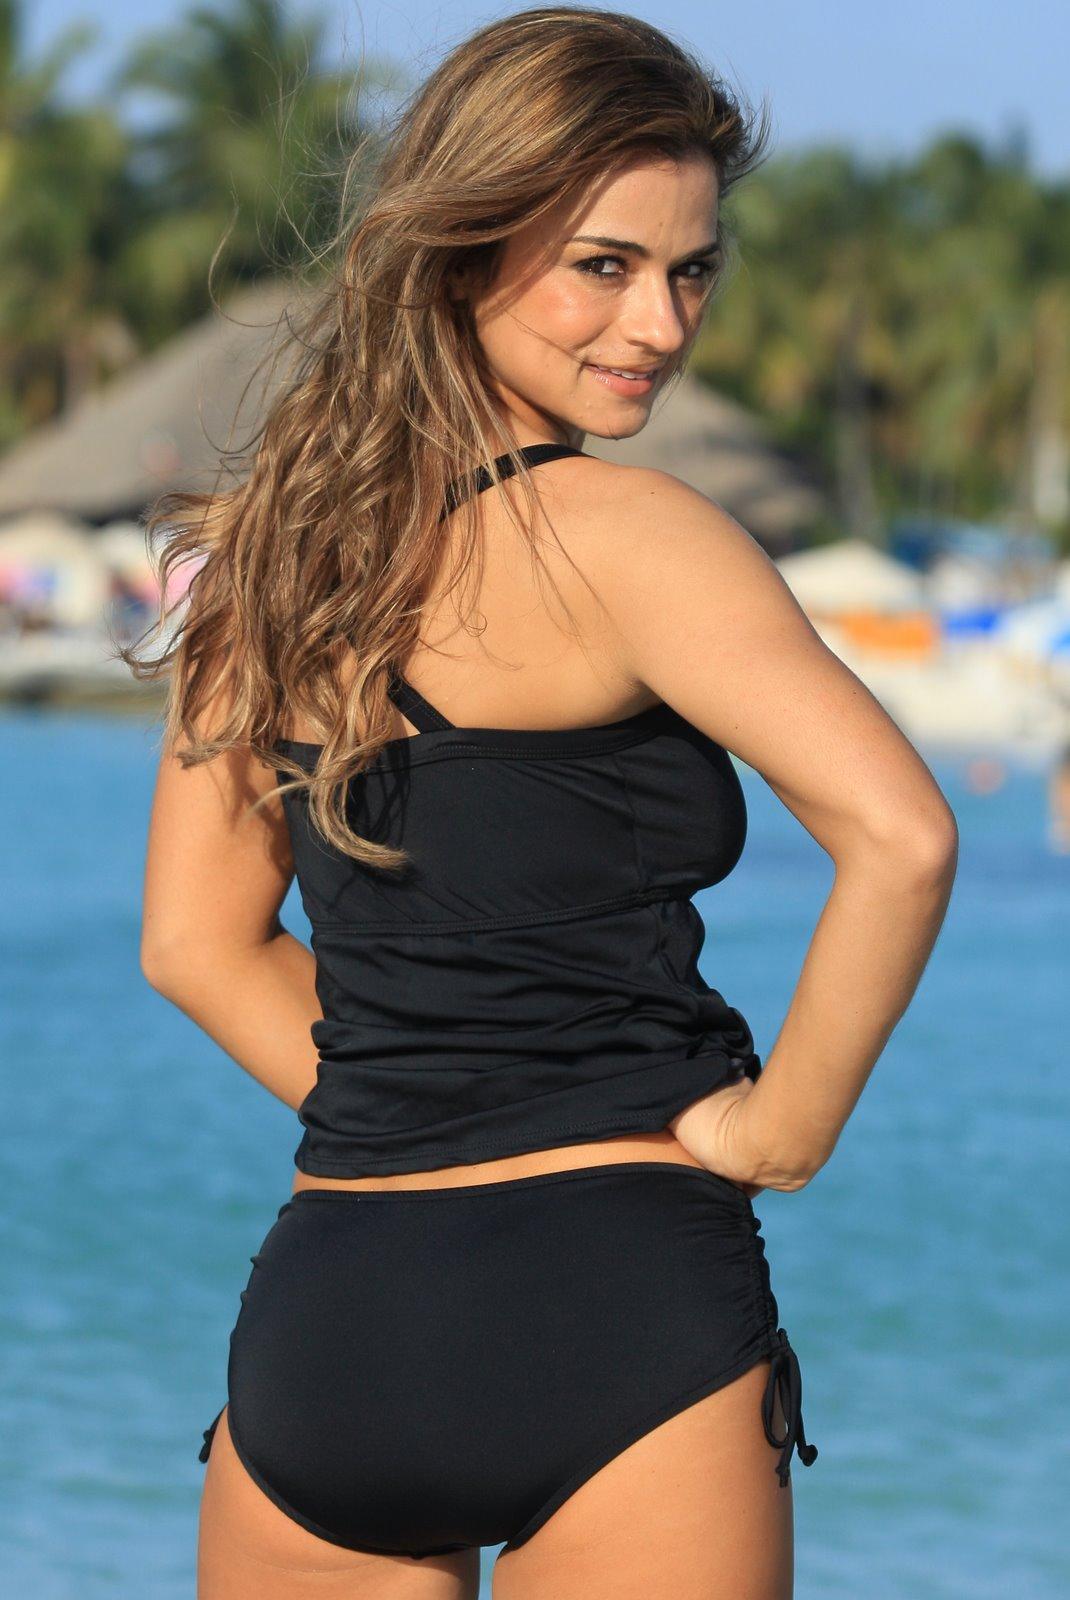 Full figure hot girl